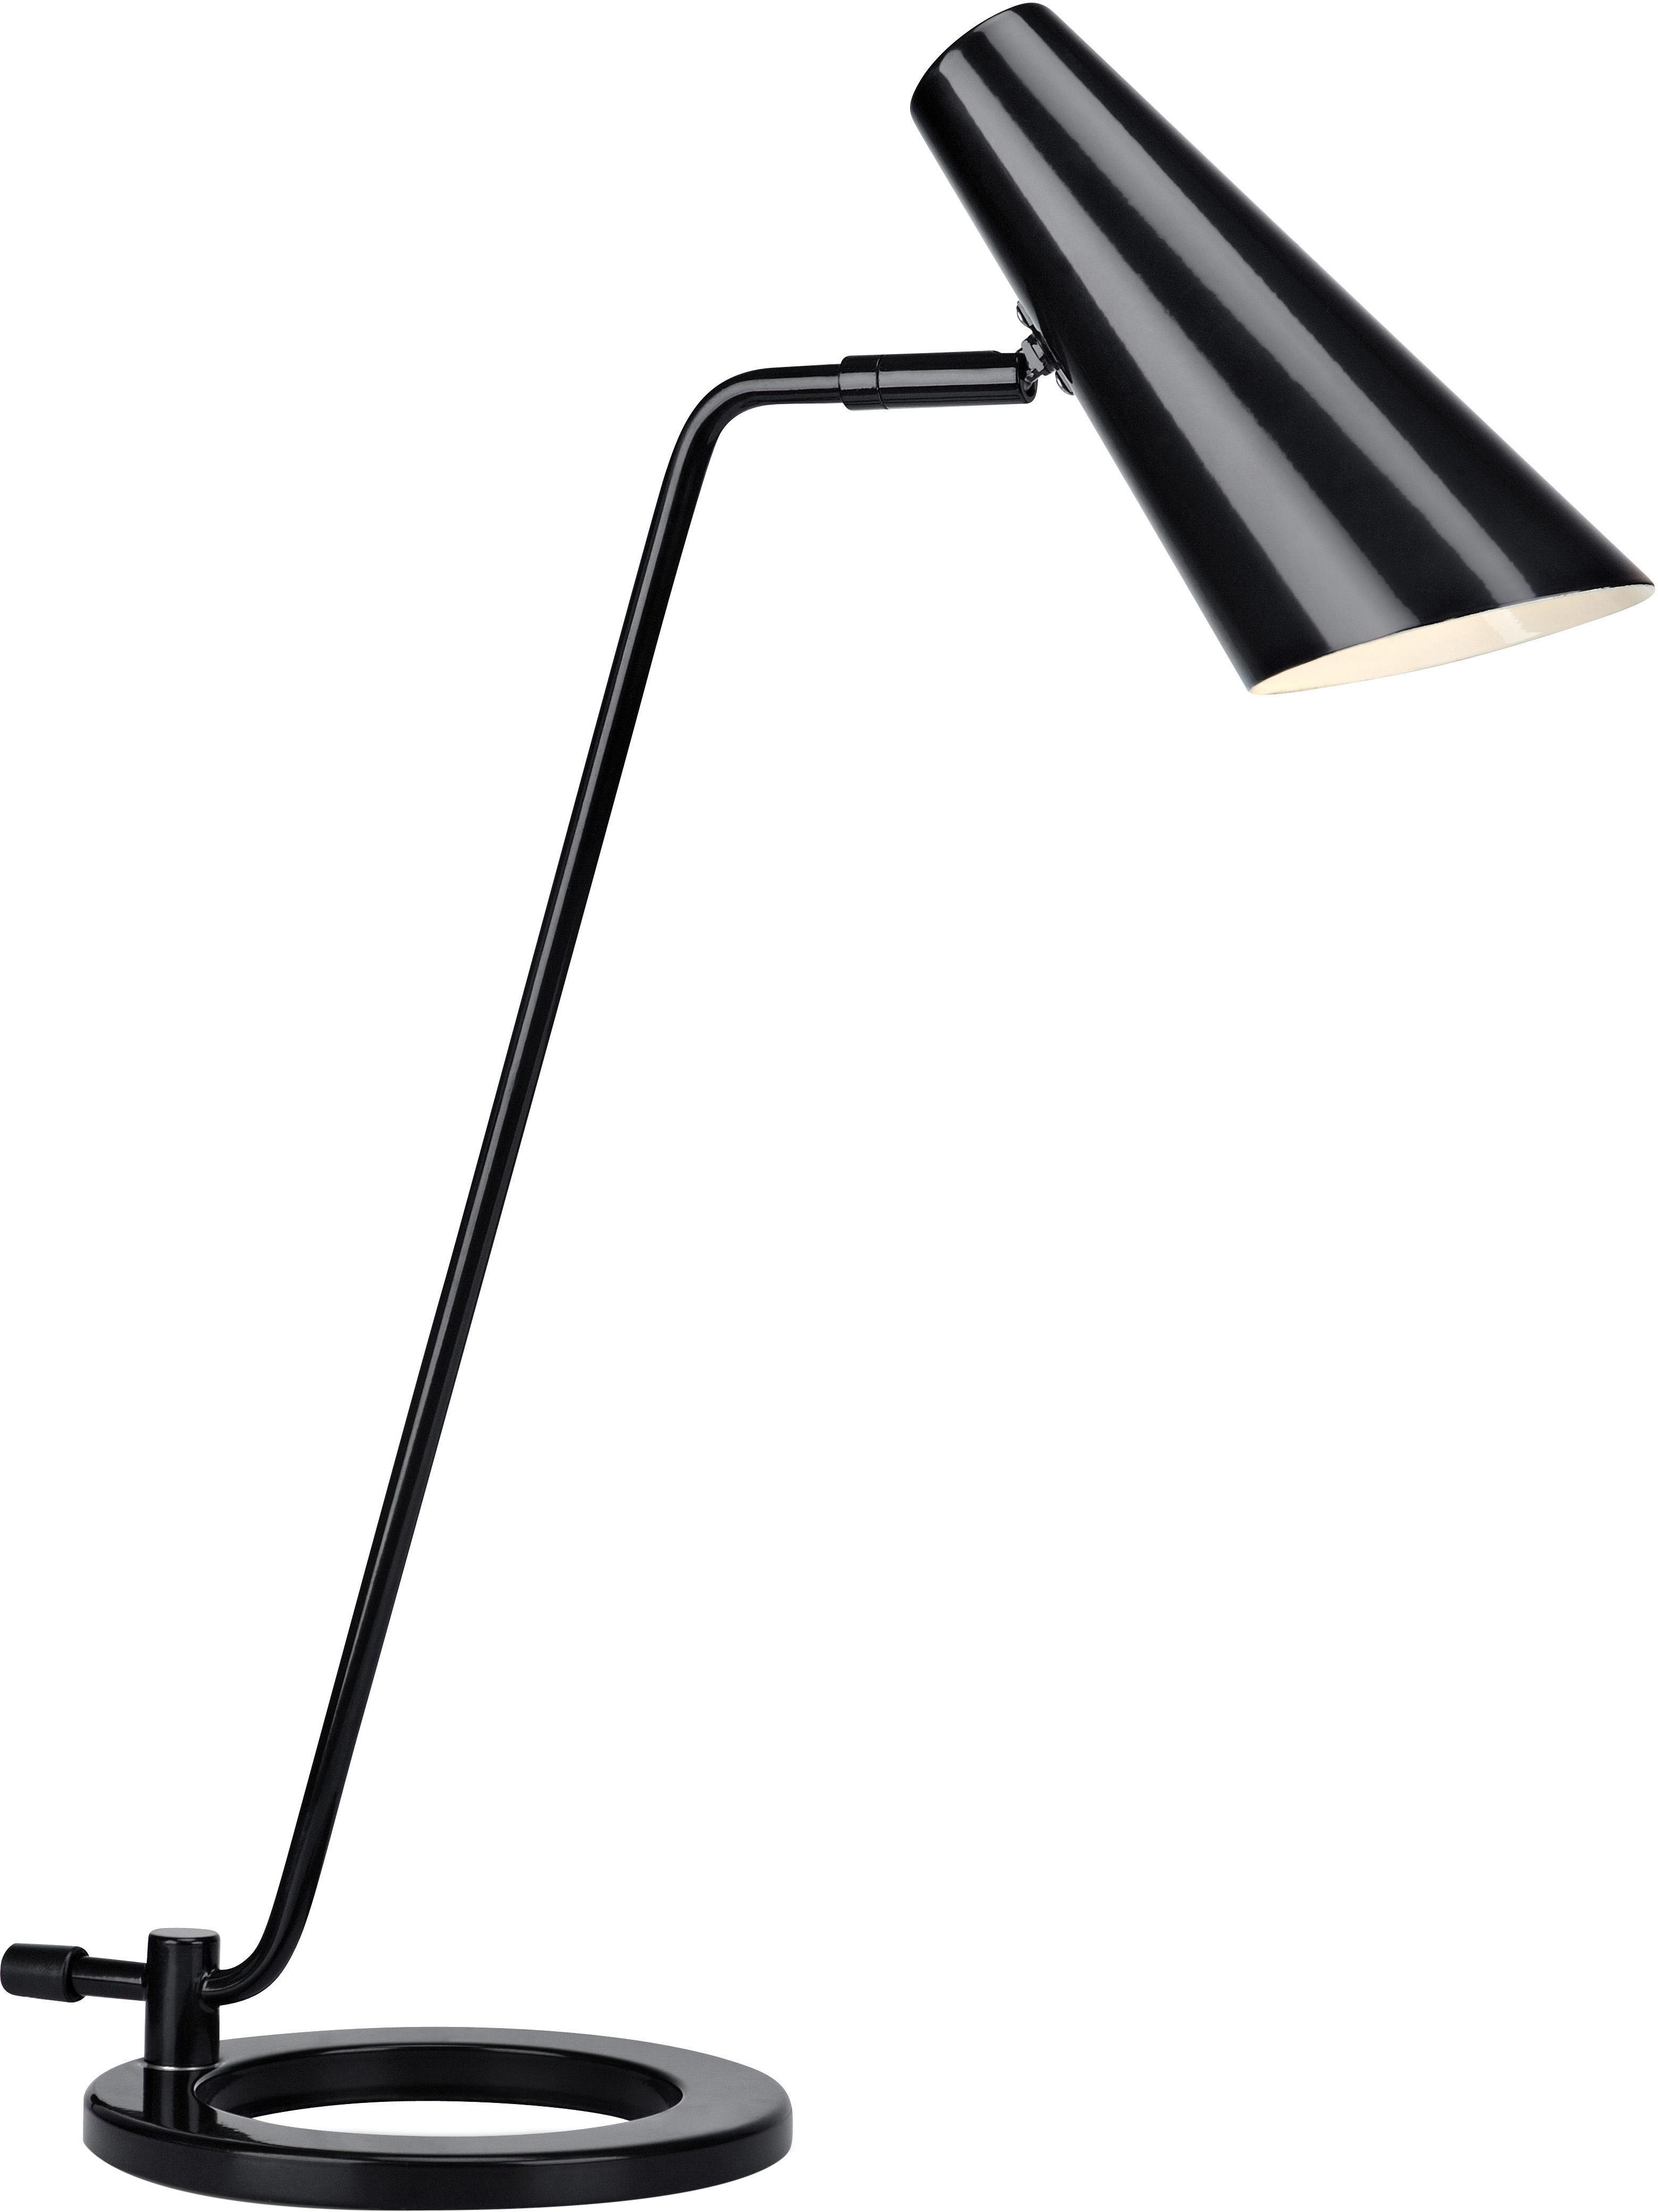 Moderne Schreibtischlampe Cal aus Metall, Lampenschirm: Metall, lackiert, Schwarz<br>Lampenschirm innen: Weiss, 40 x 50 cm